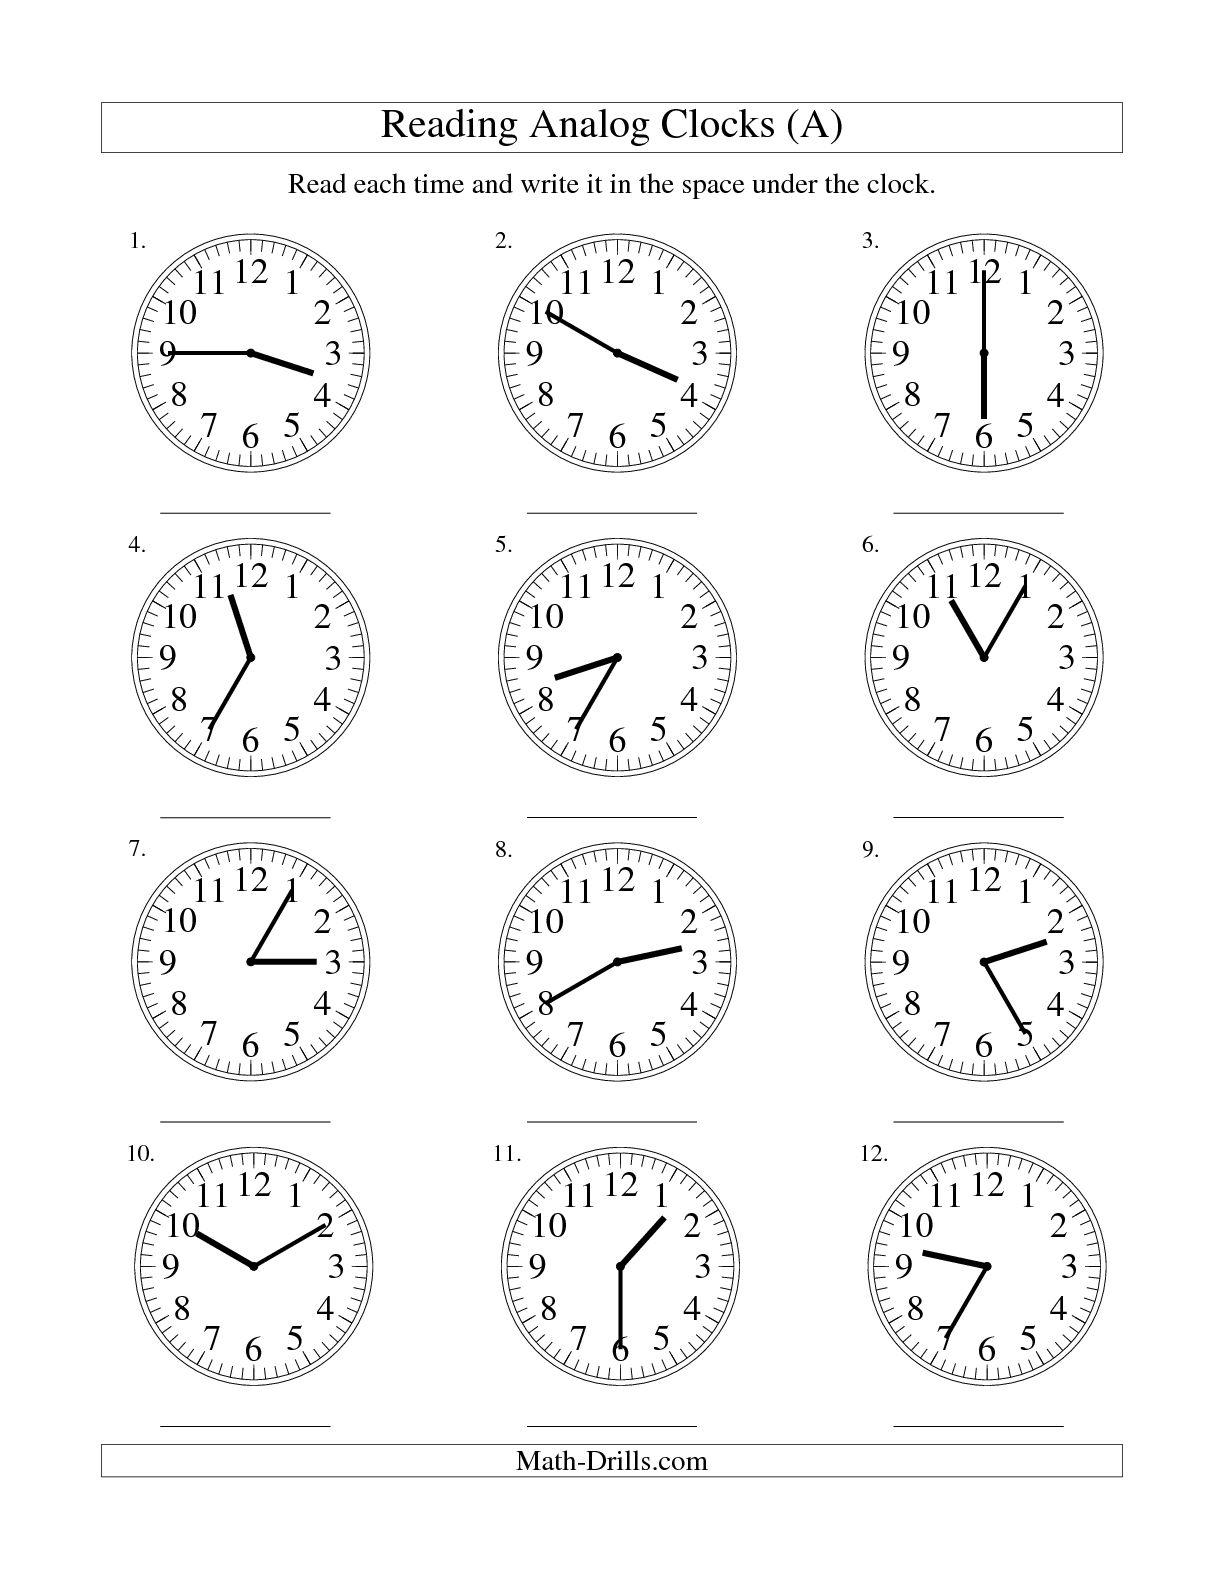 18 Best Images Of Reading Digital Clocks Worksheets